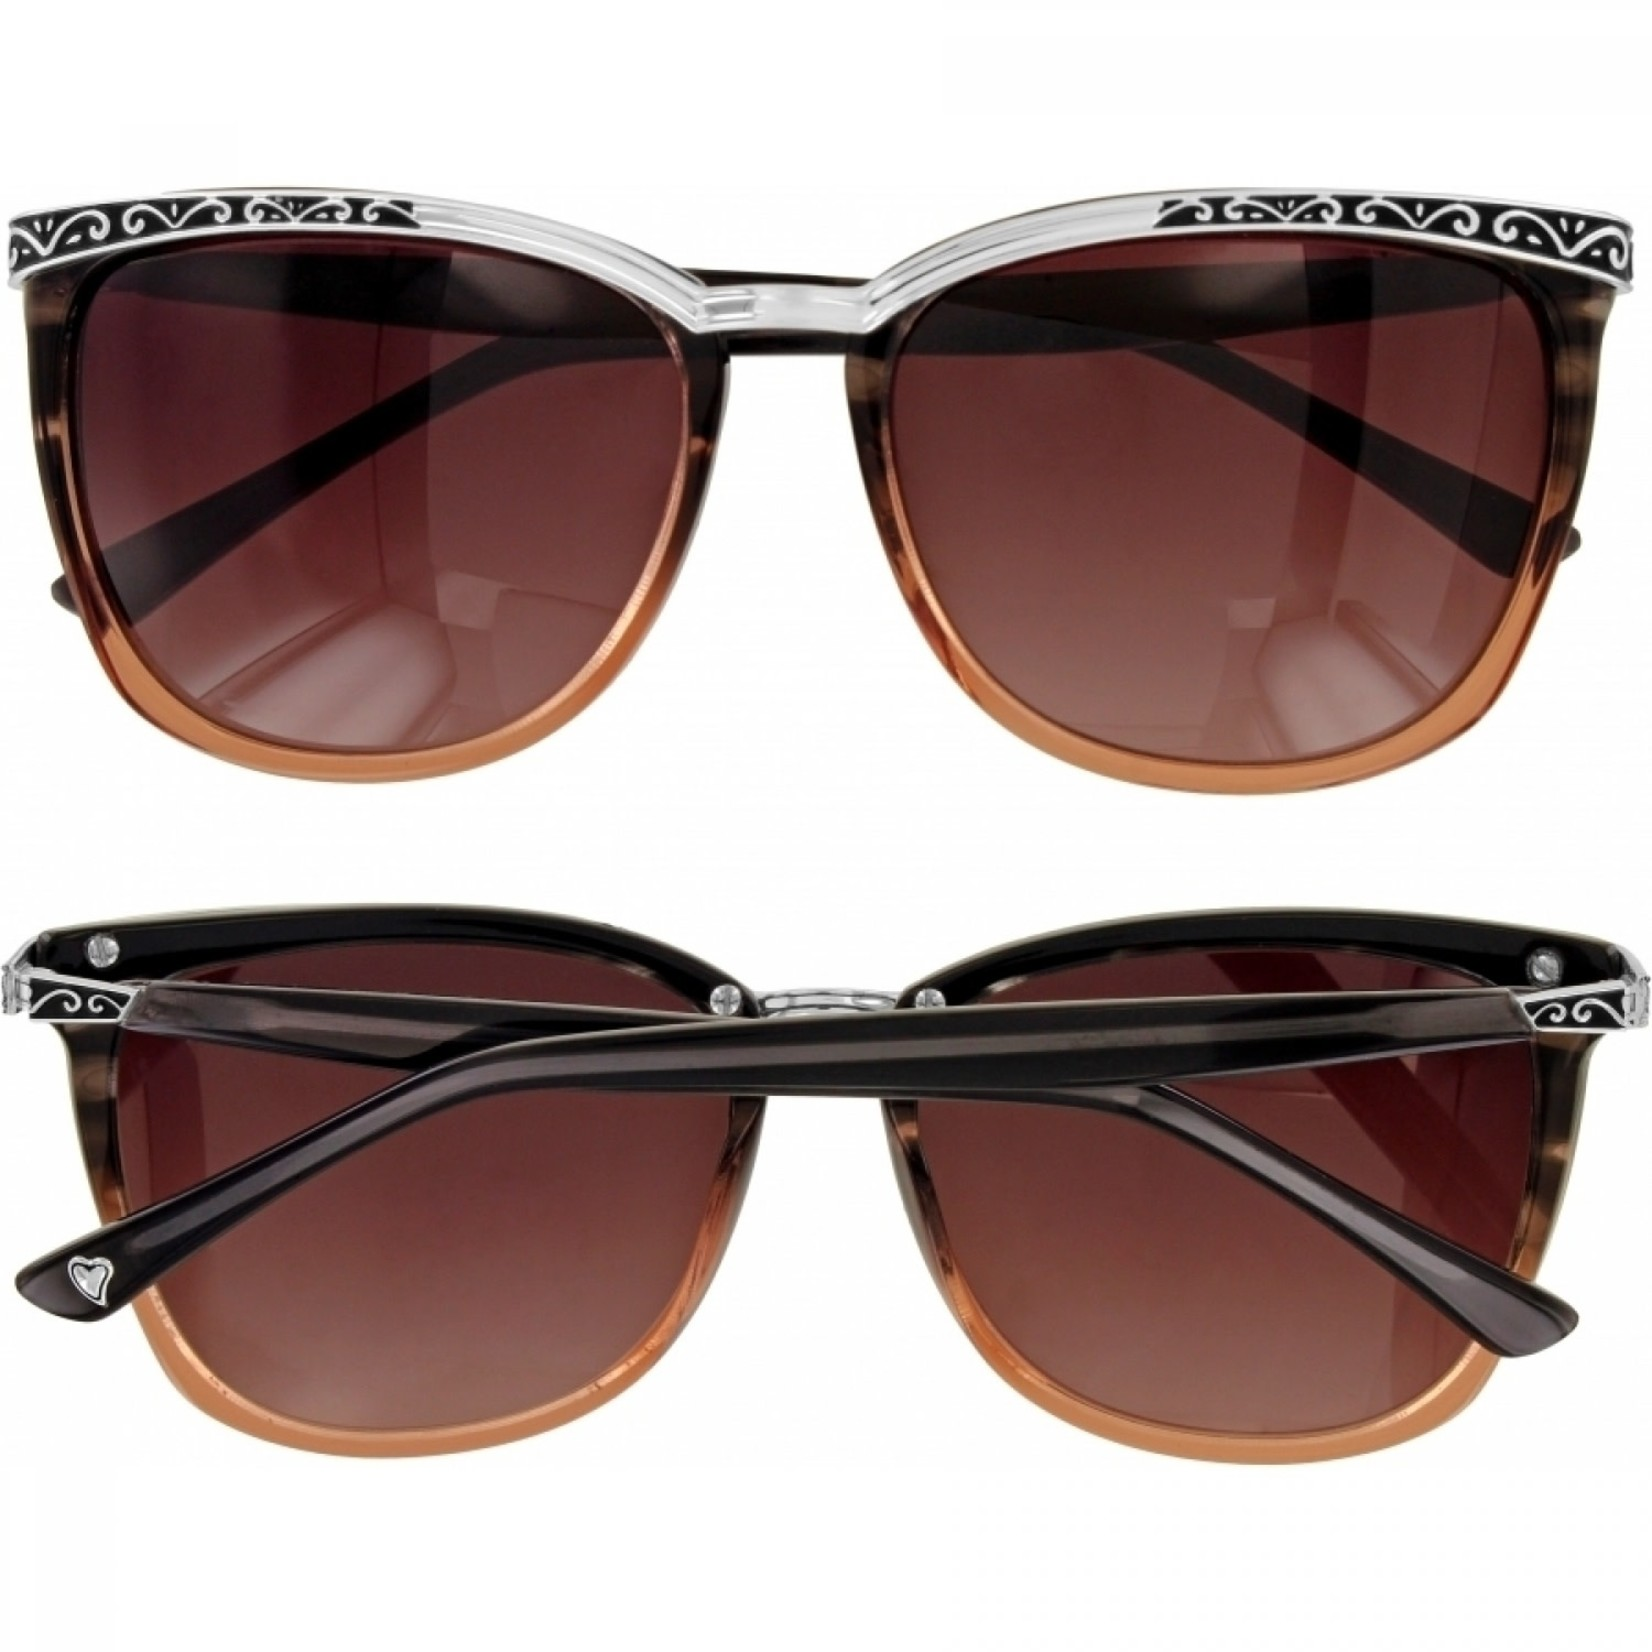 Brighton A12484 La Scala Fade Sunglasses